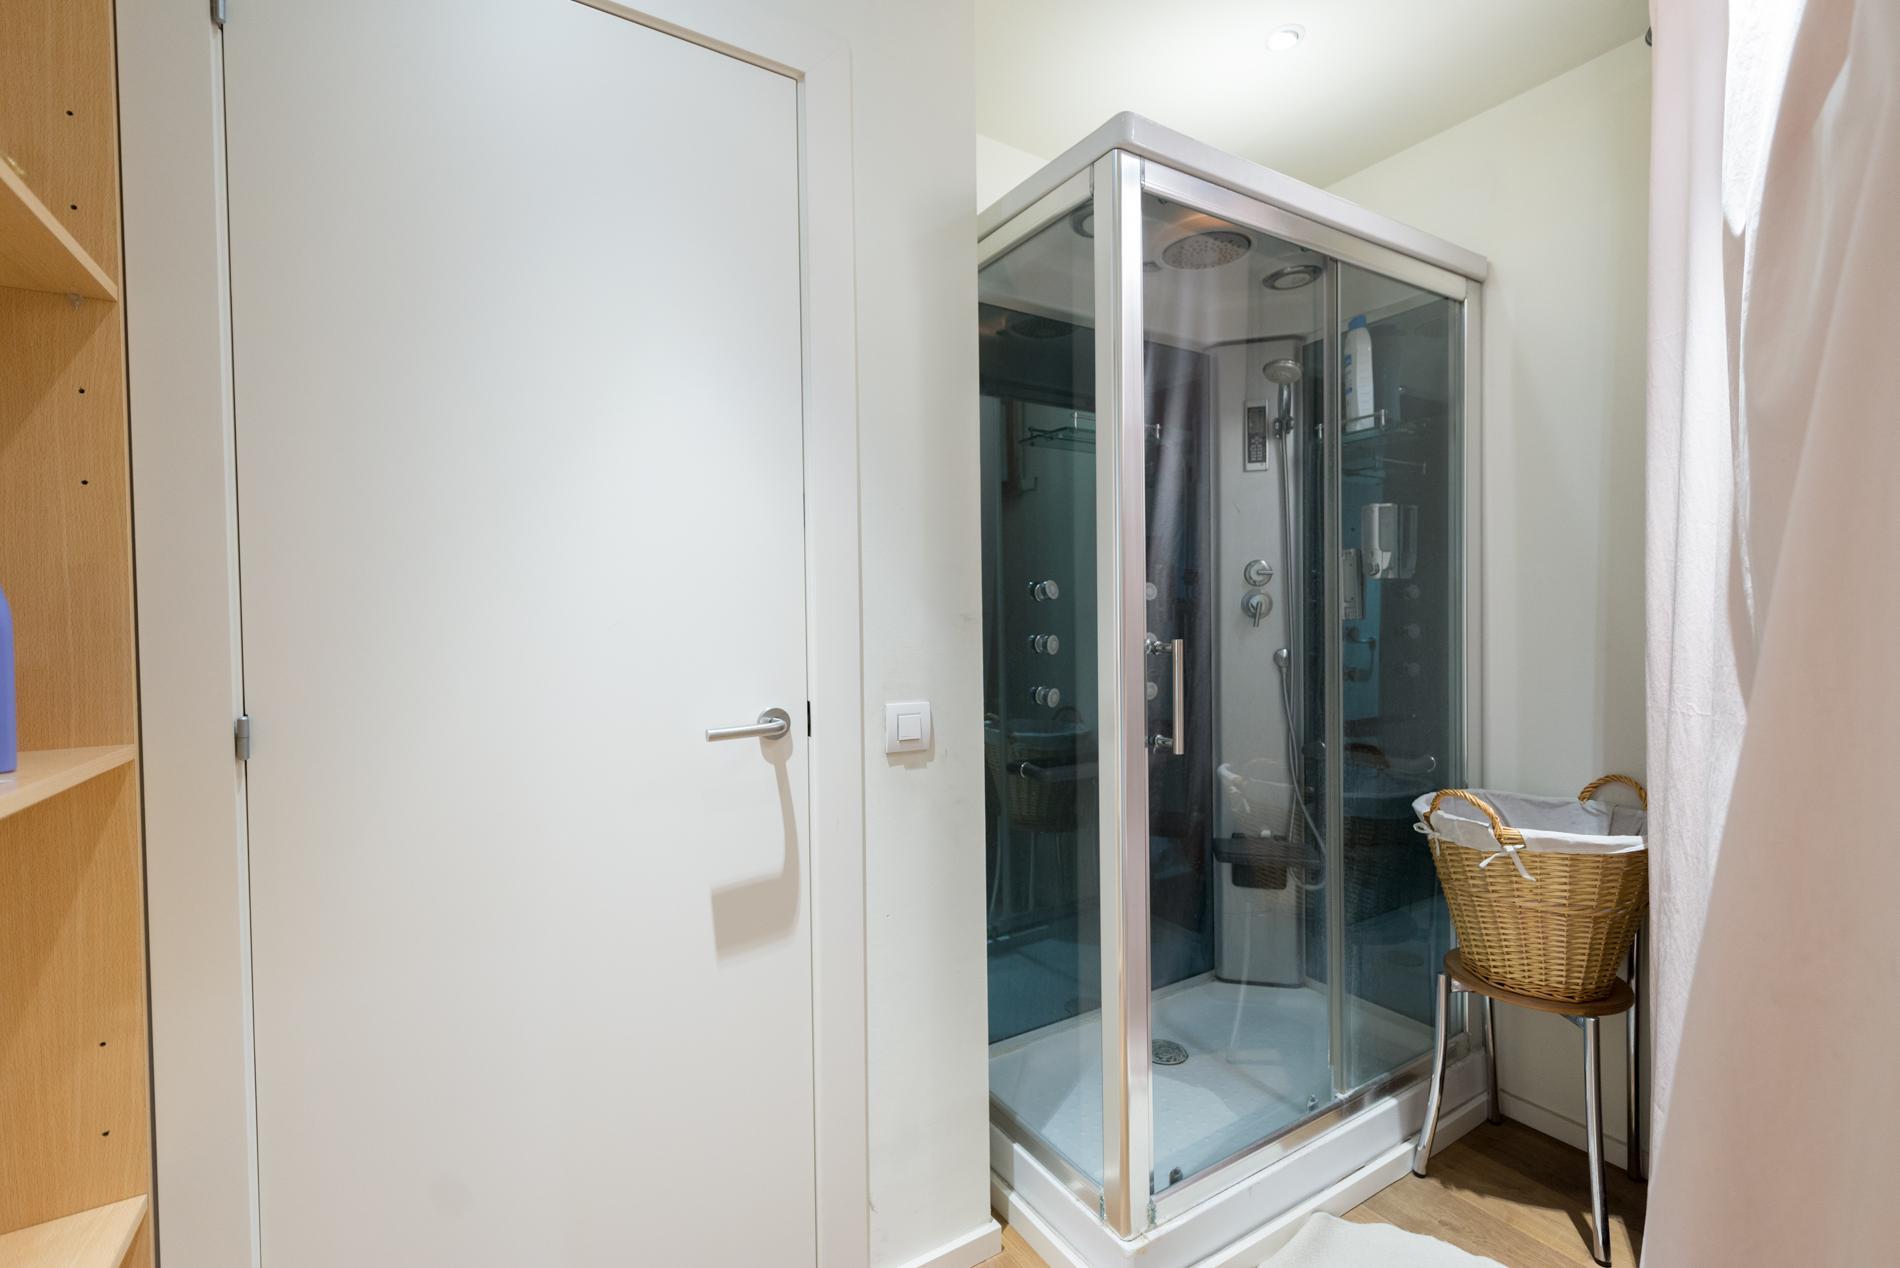 222426 Apartment for sale in Eixample, Dreta Eixample 35